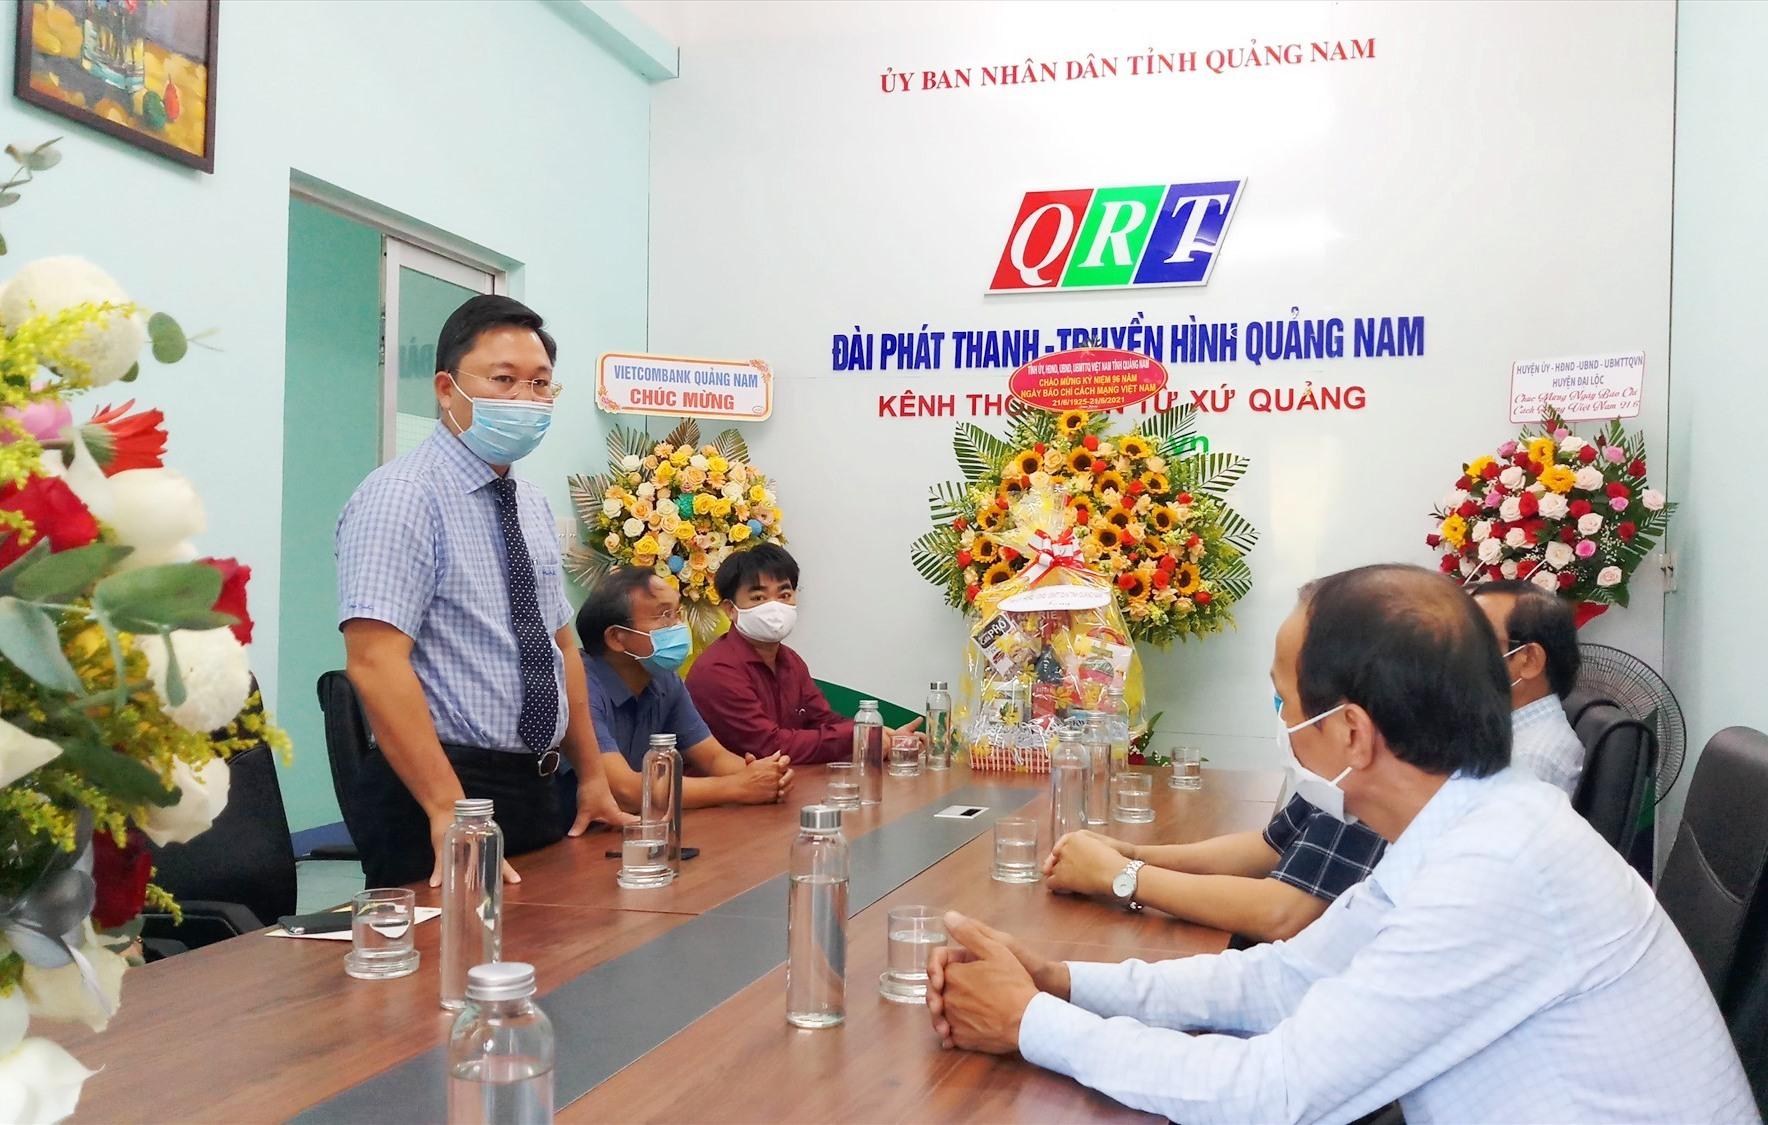 Chủ tịch UBND tỉnh Lê Trí Thanh thăm, chú mừng QRT nhân ngày Báo chí cách mạng Việt Nam. Ảnh: A.N